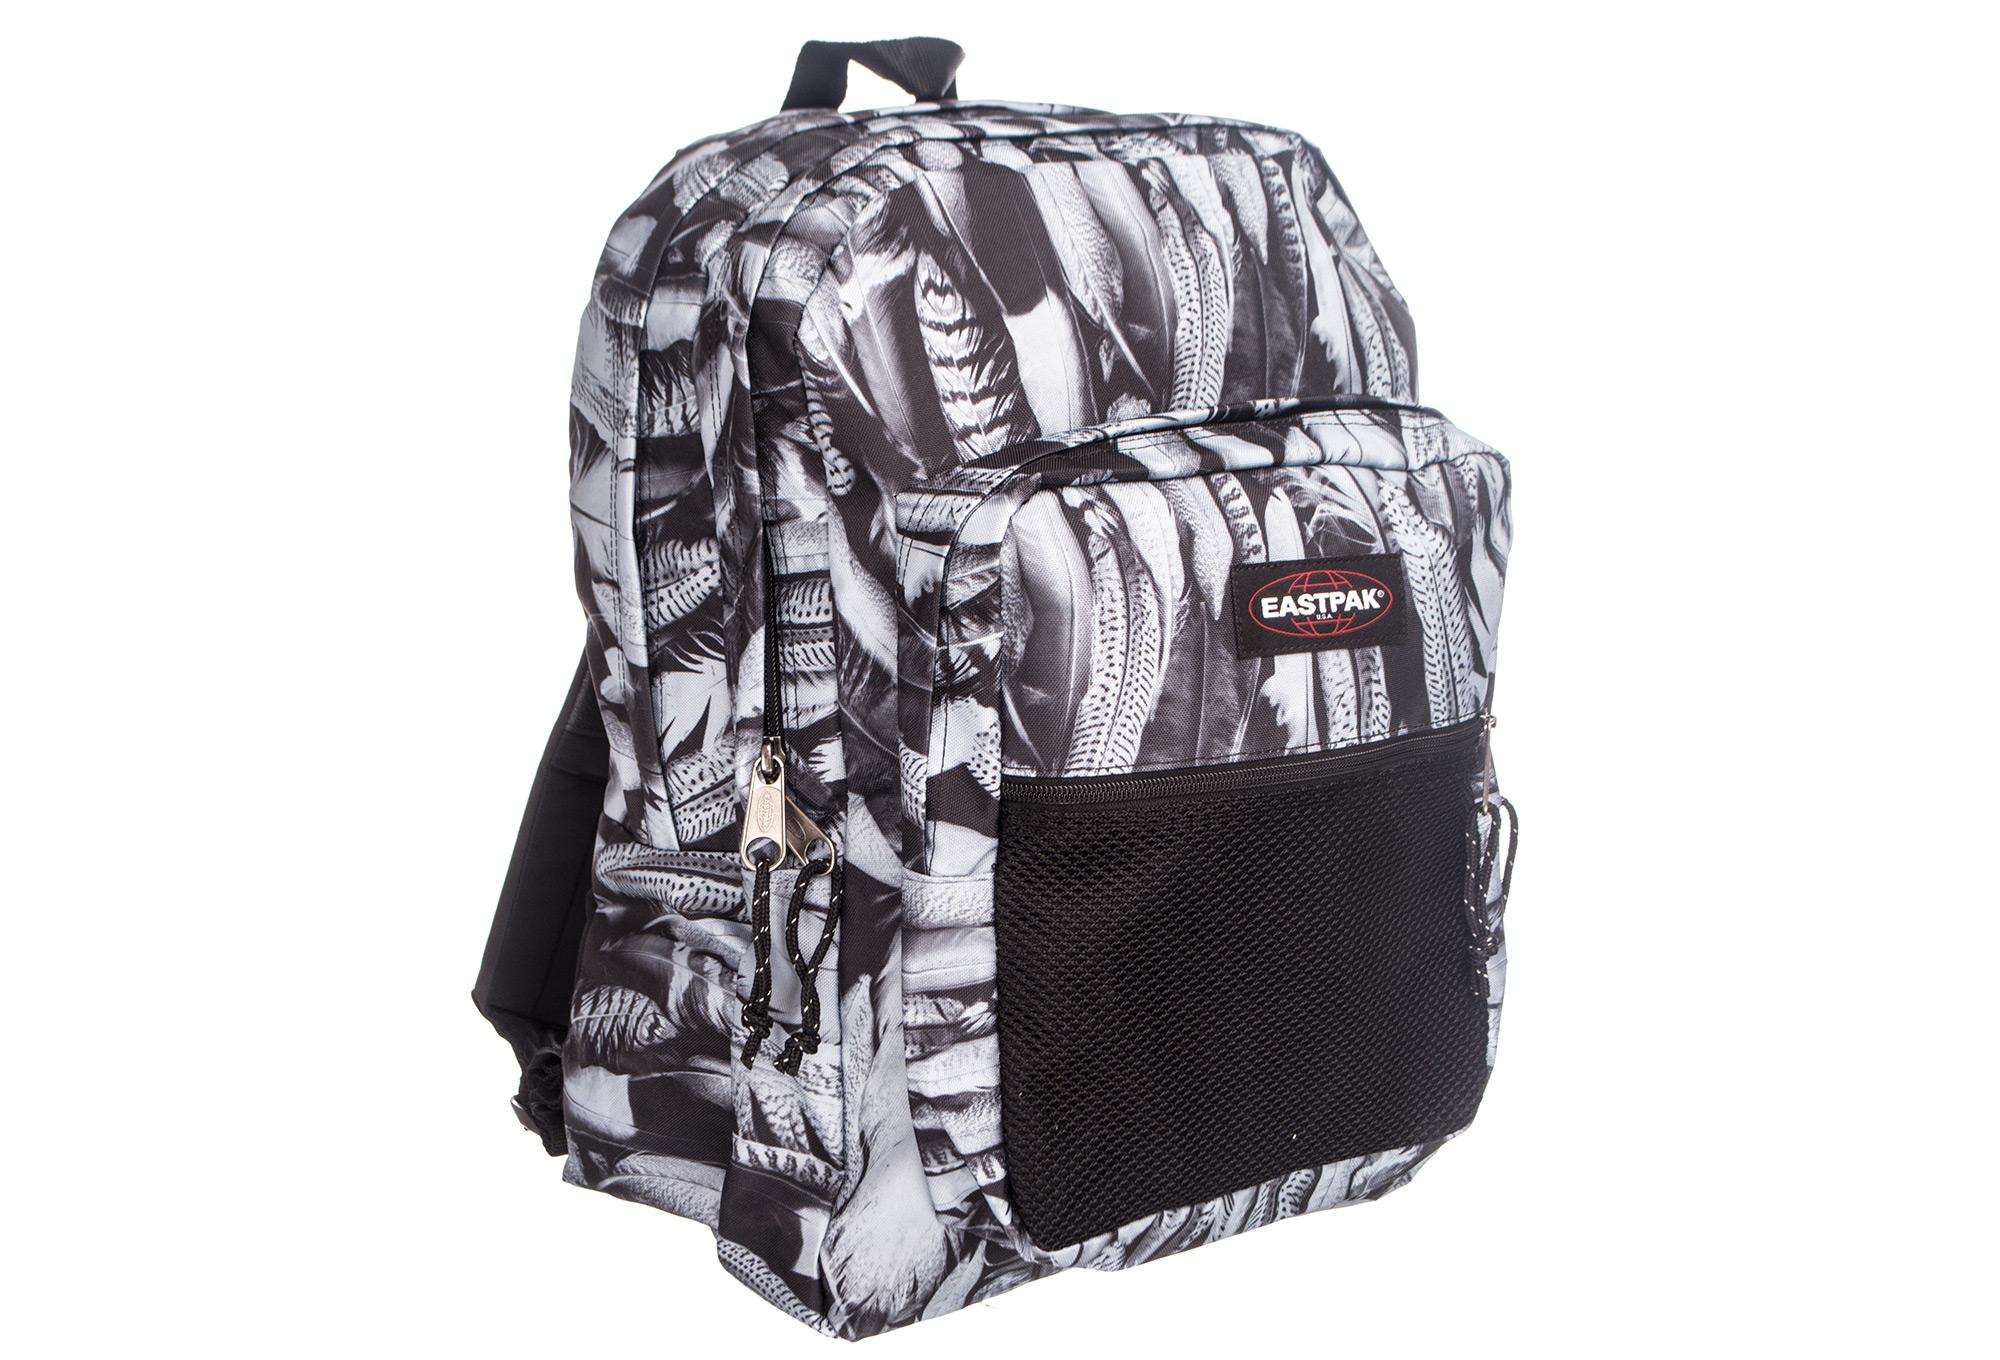 Eastpak Pinnacle Plume Grey Backpack